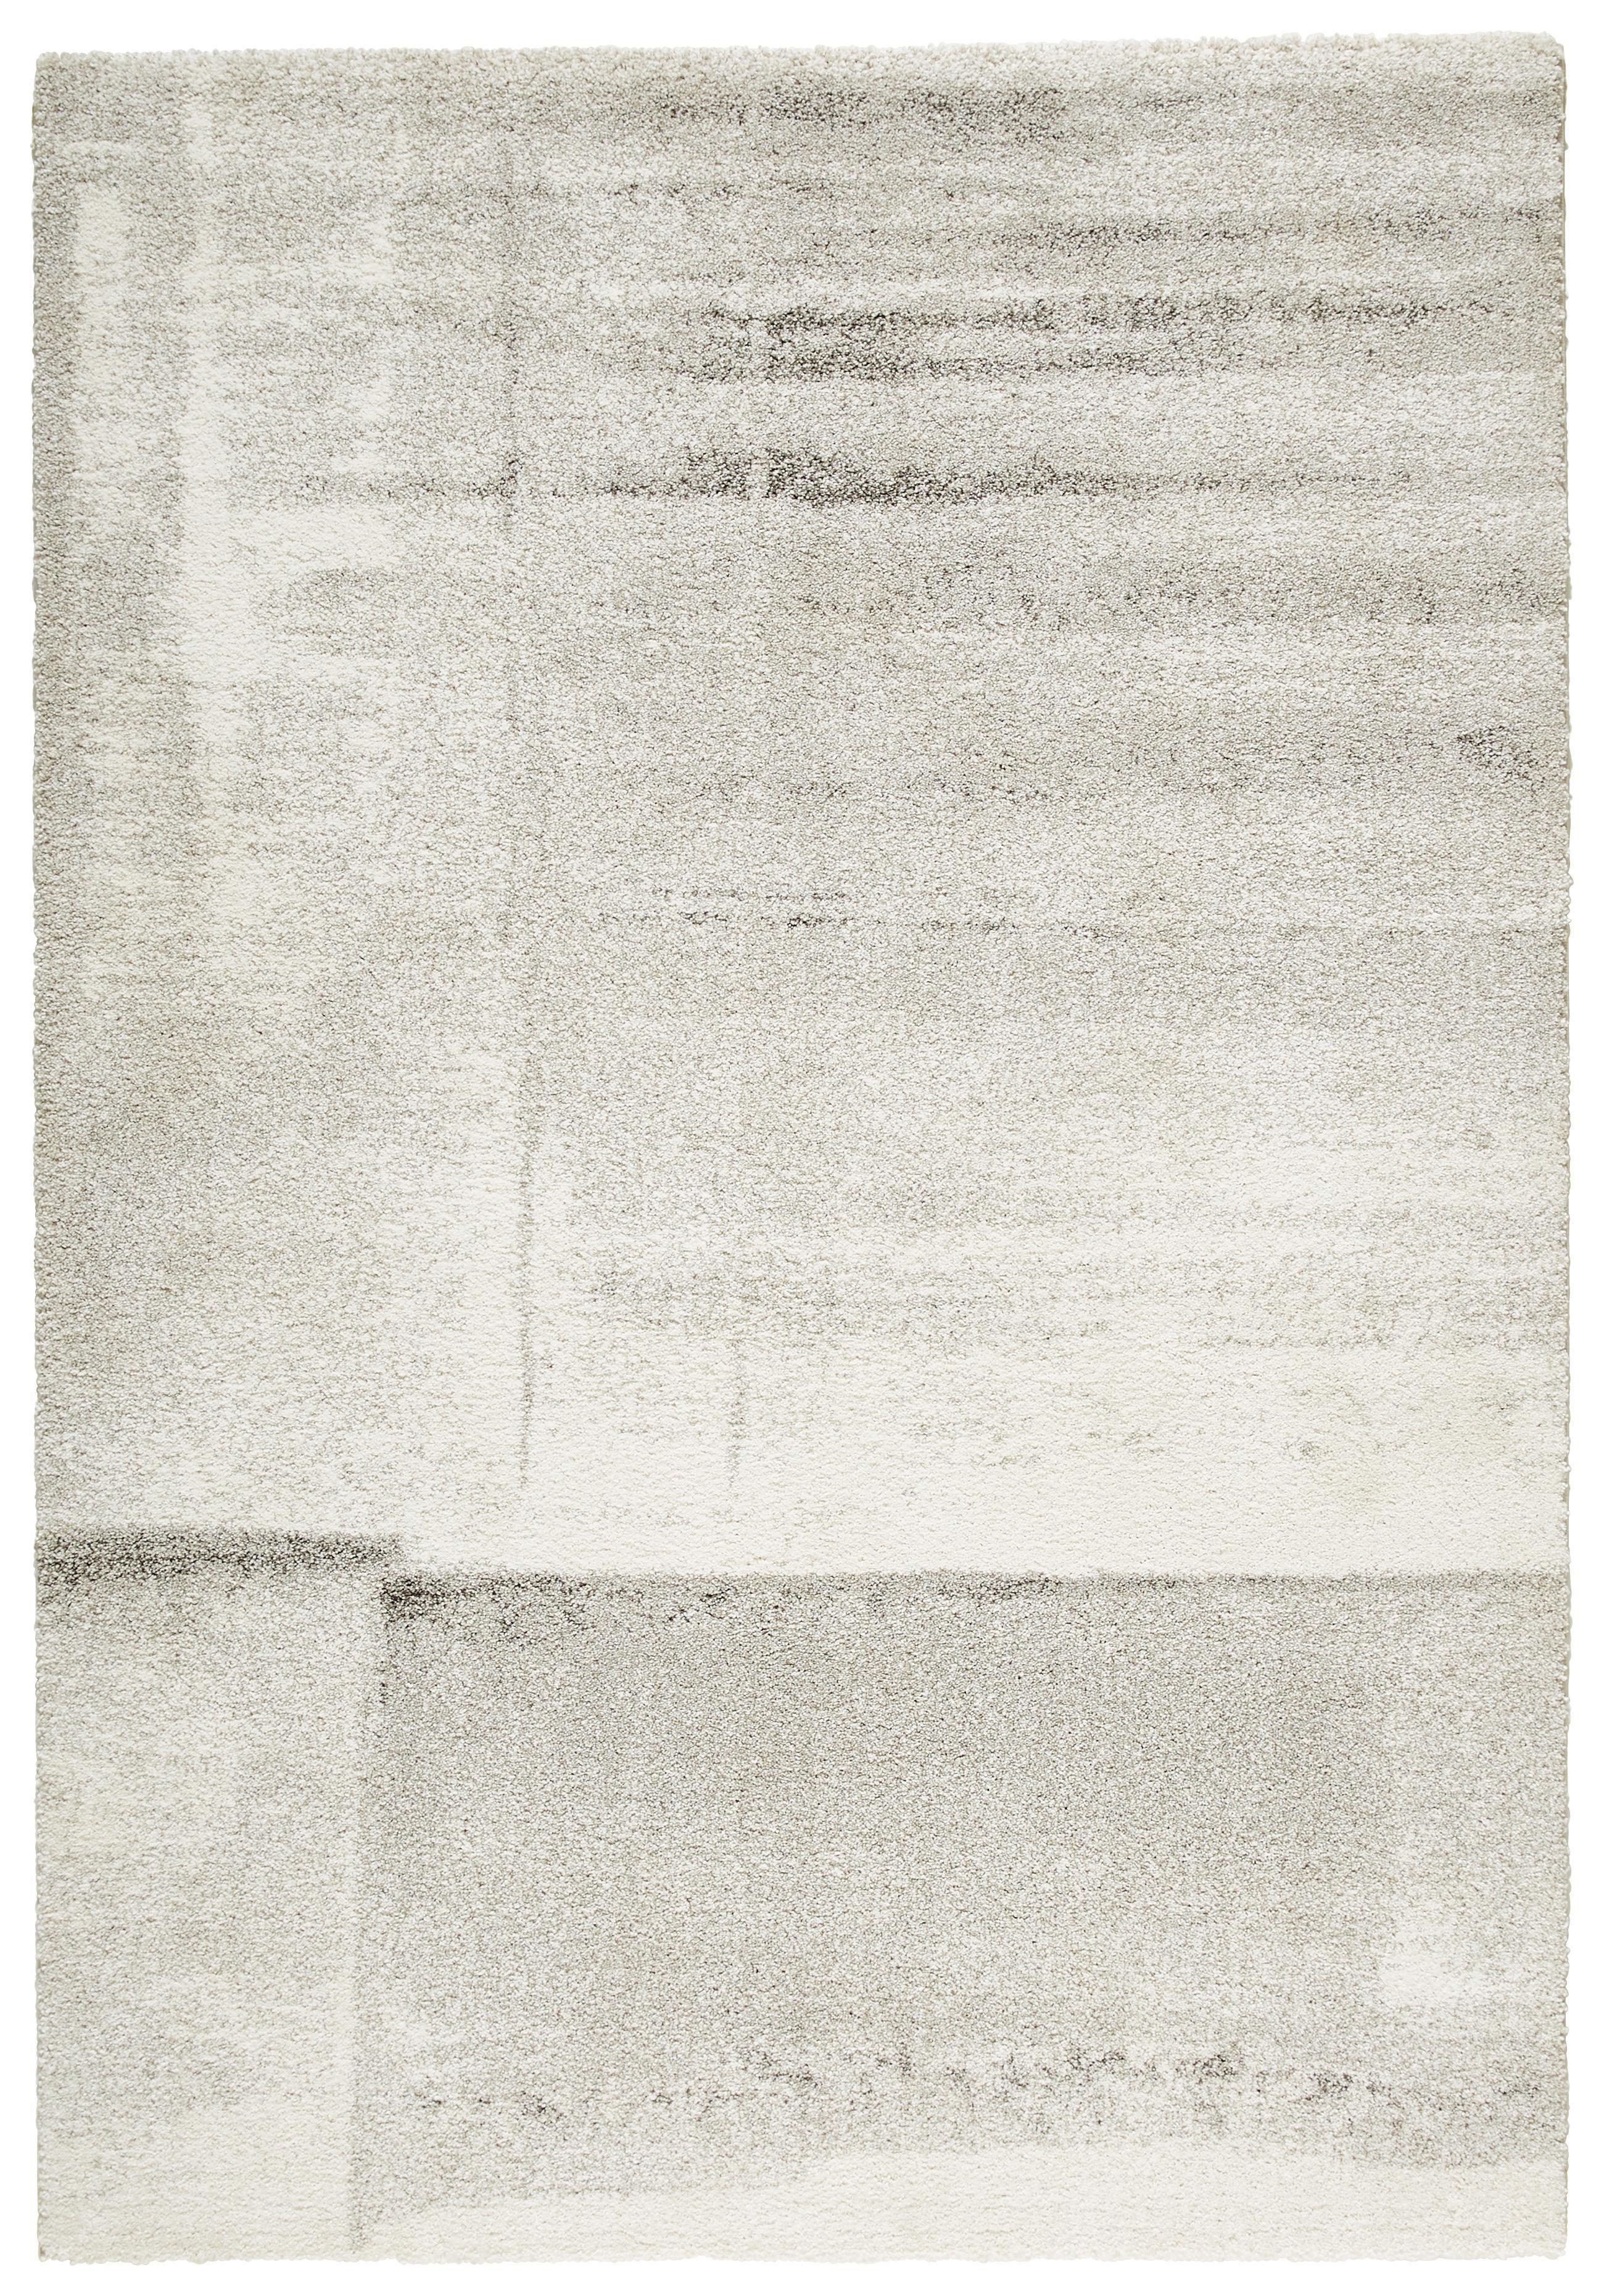 WEBTEPPICH  Creme, Silberfarben  135/190 cm - Silberfarben/Creme, Basics, Textil (135/190cm) - NOVEL